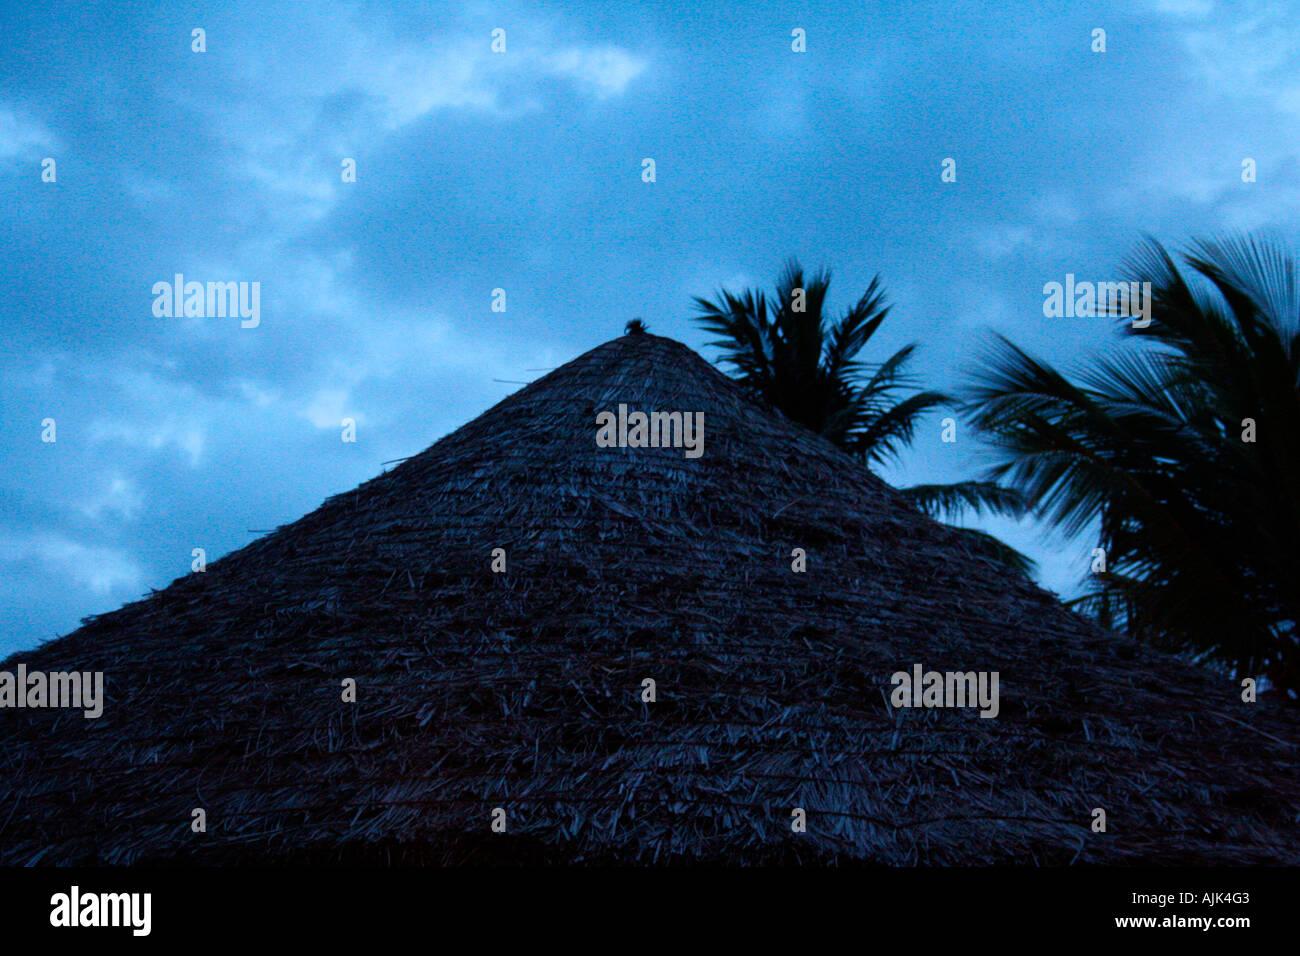 Ein Blick auf das Dach des einen Sonnenschirm während des Tages Stockbild